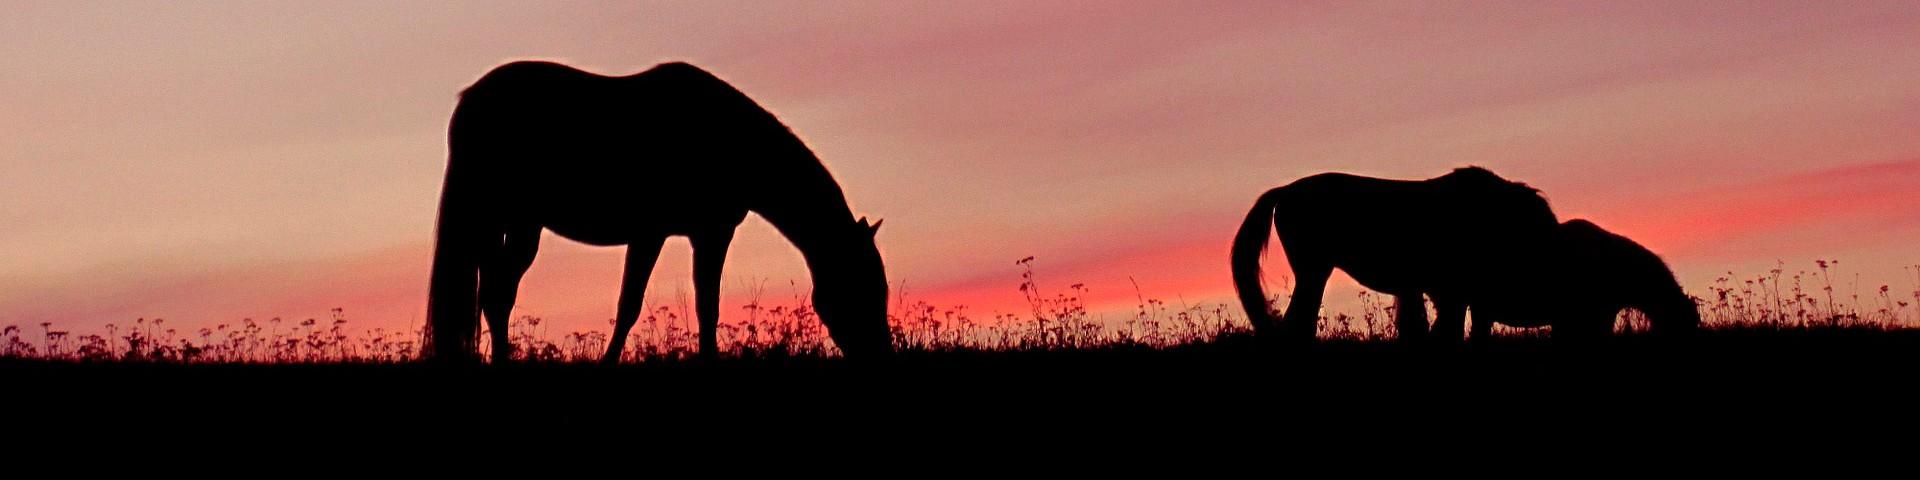 Конные прогулки в Сафари Паркъ